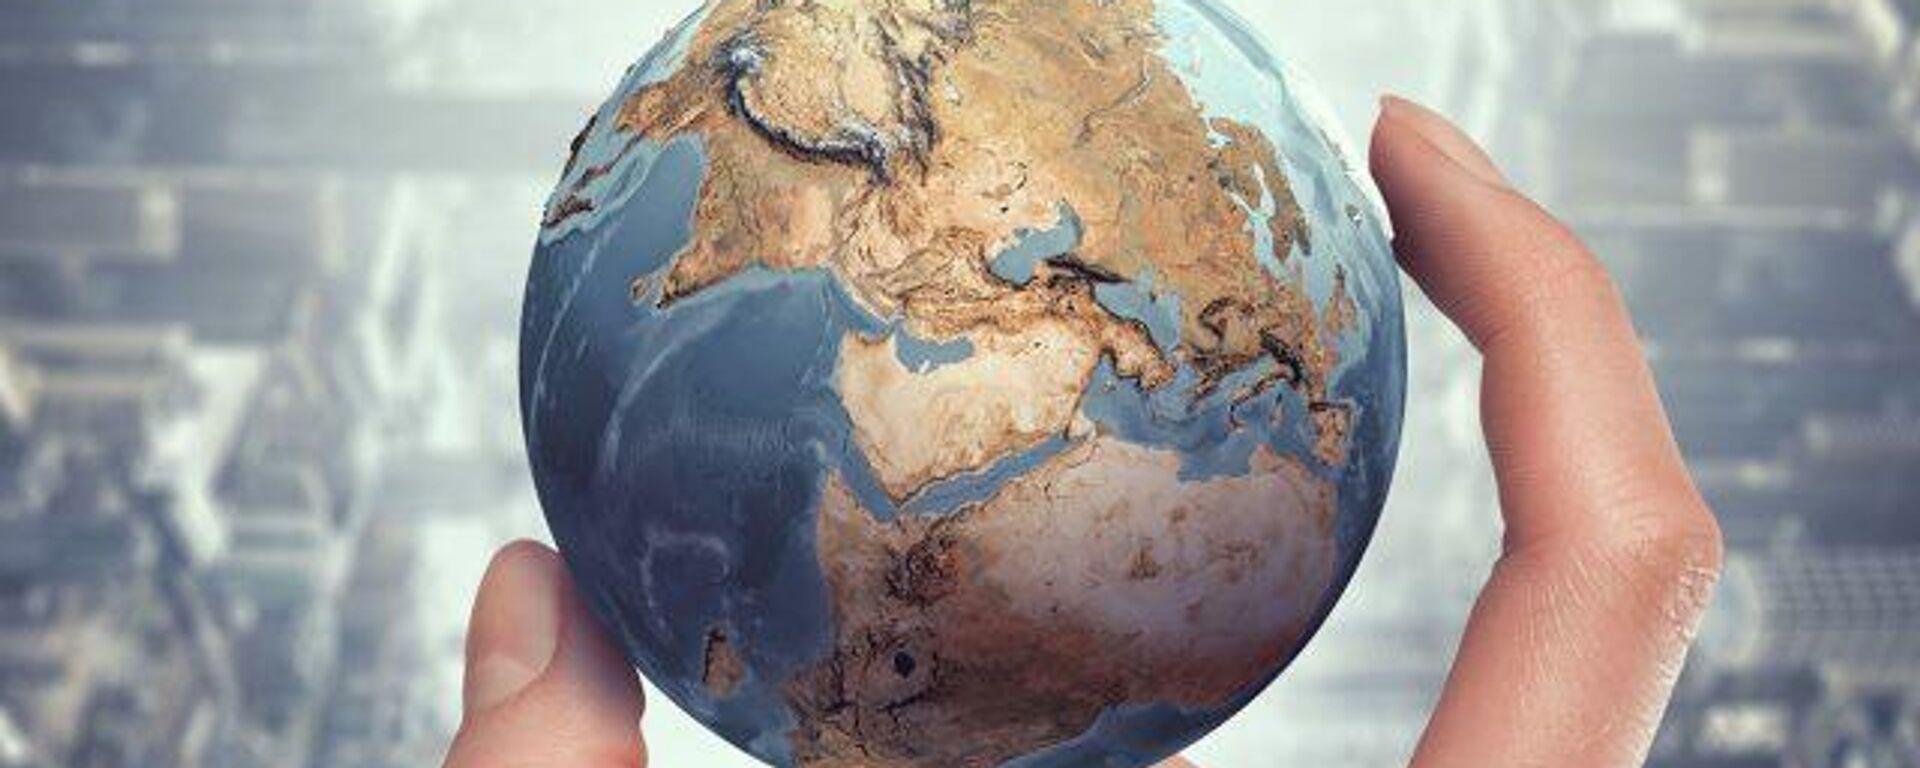 Las claves de la producción de la vacuna Sputnik V en Argentina - Sputnik Mundo, 1920, 04.06.2021